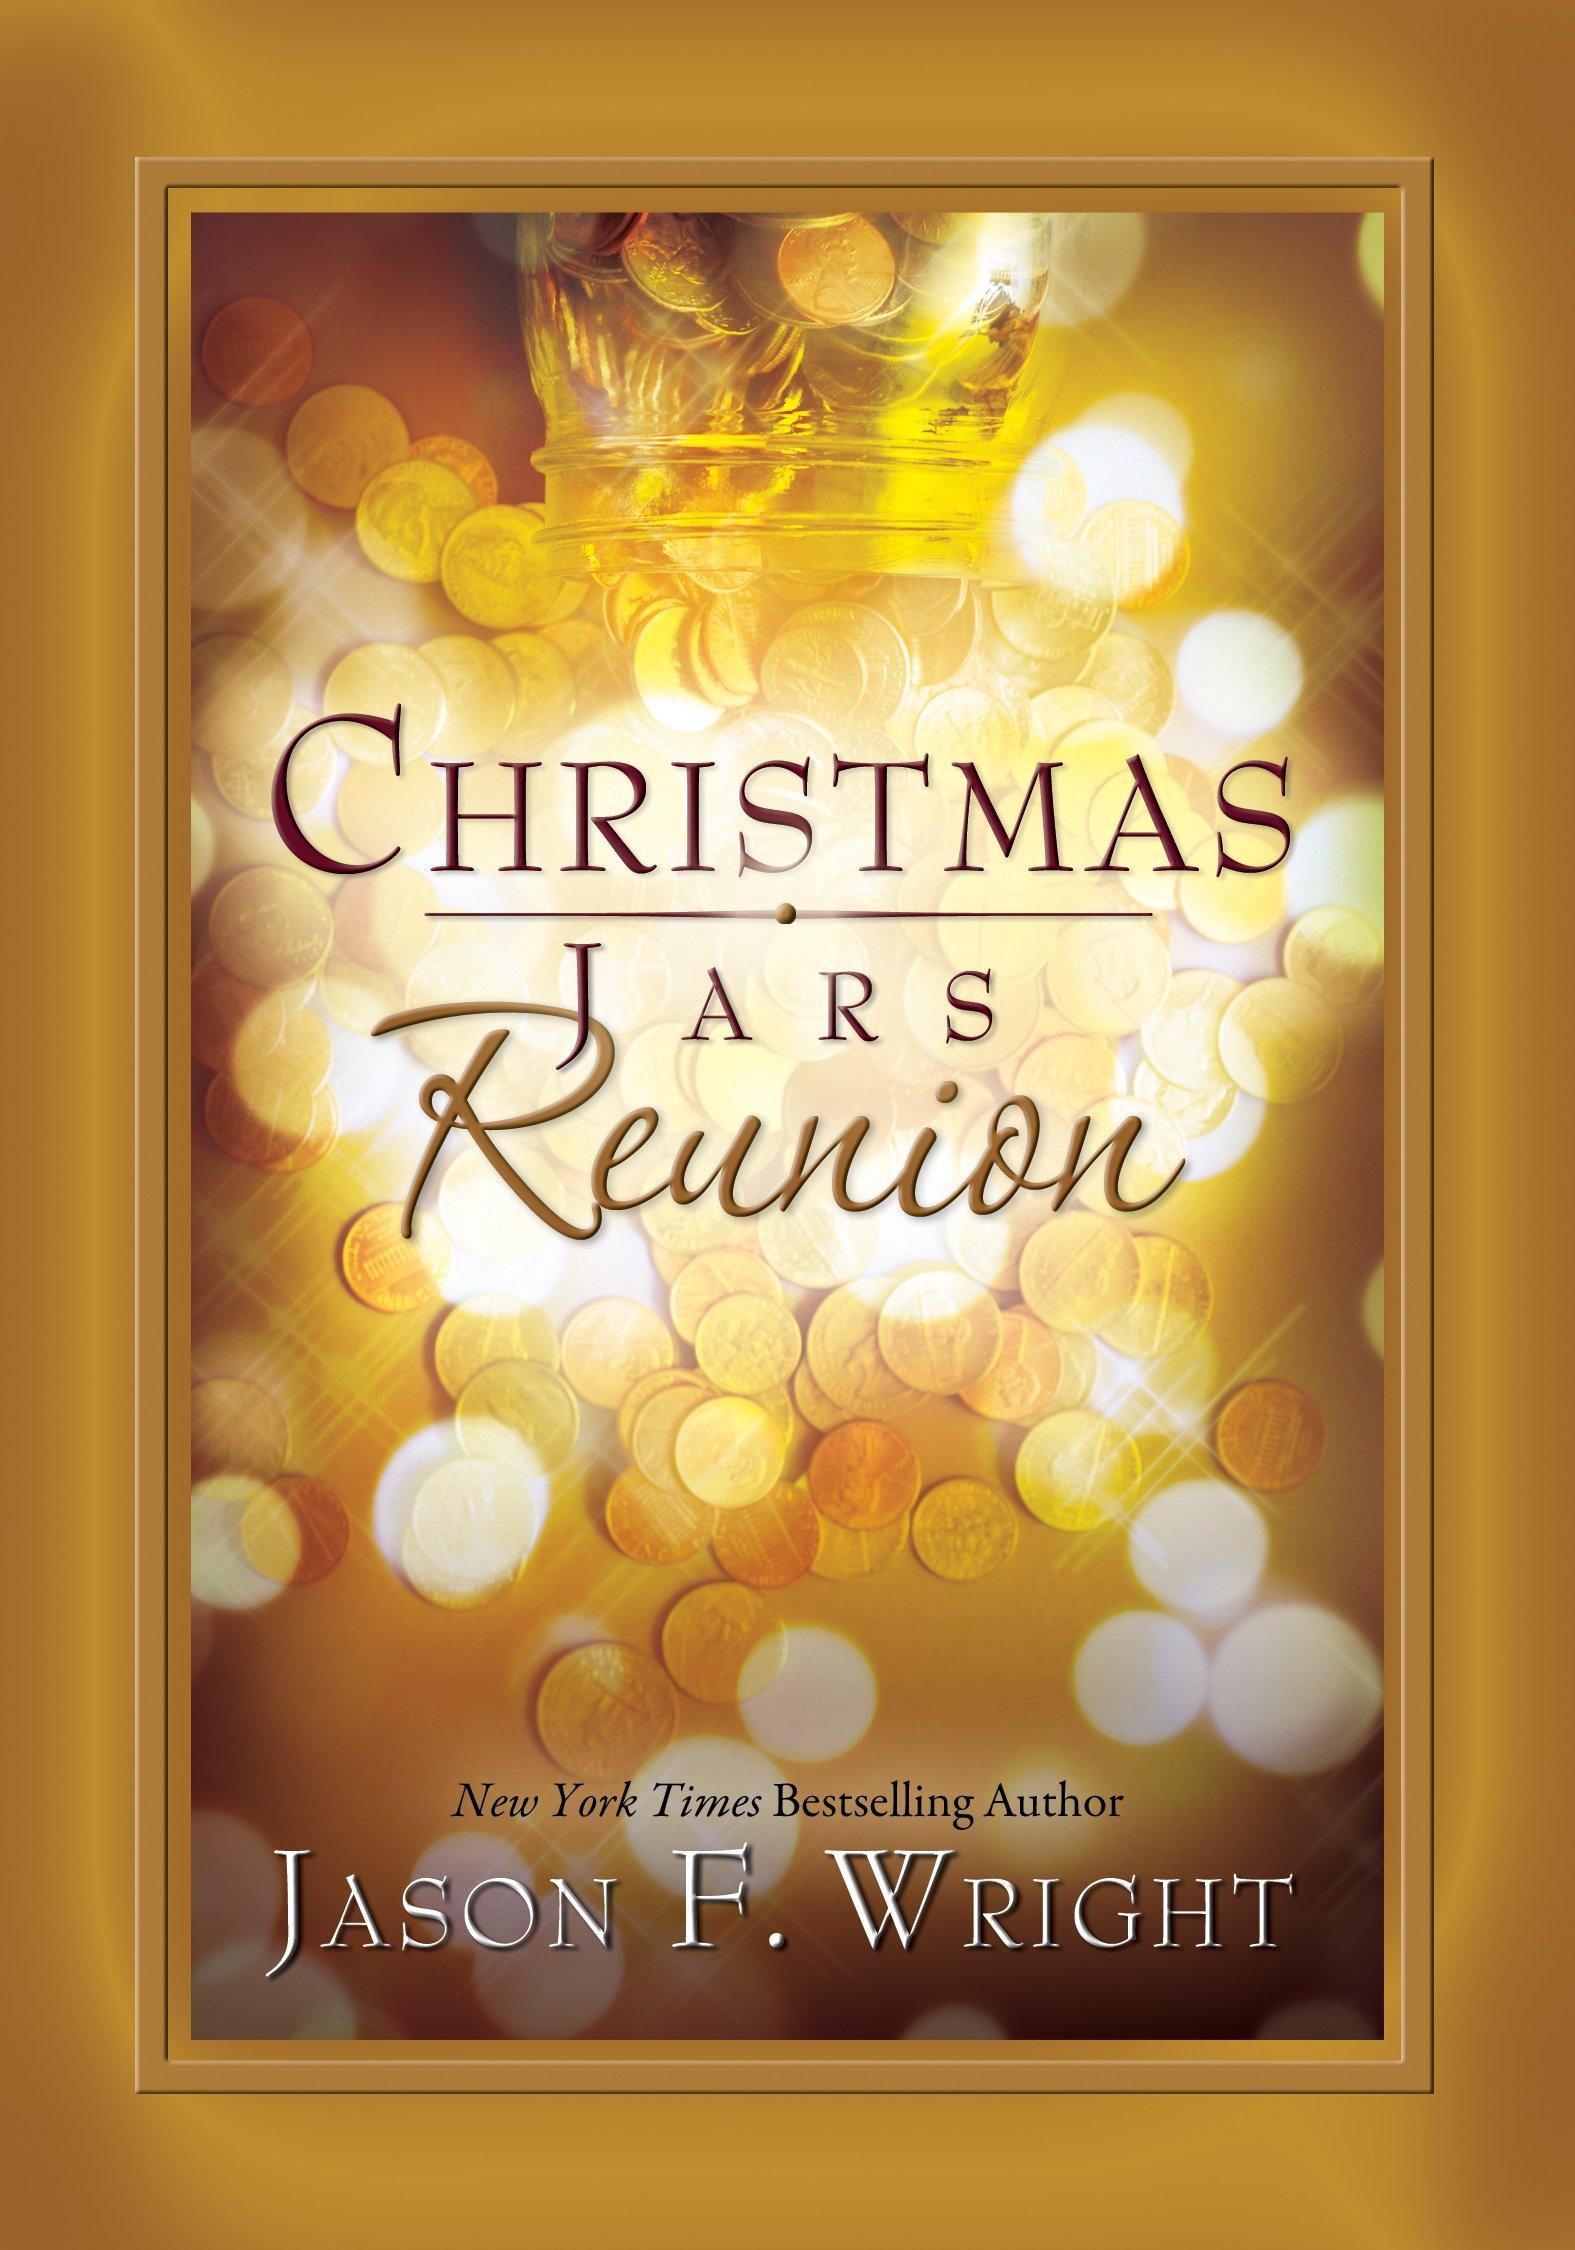 Christmas Jars Reunion Jason F. Wright 9781606418499